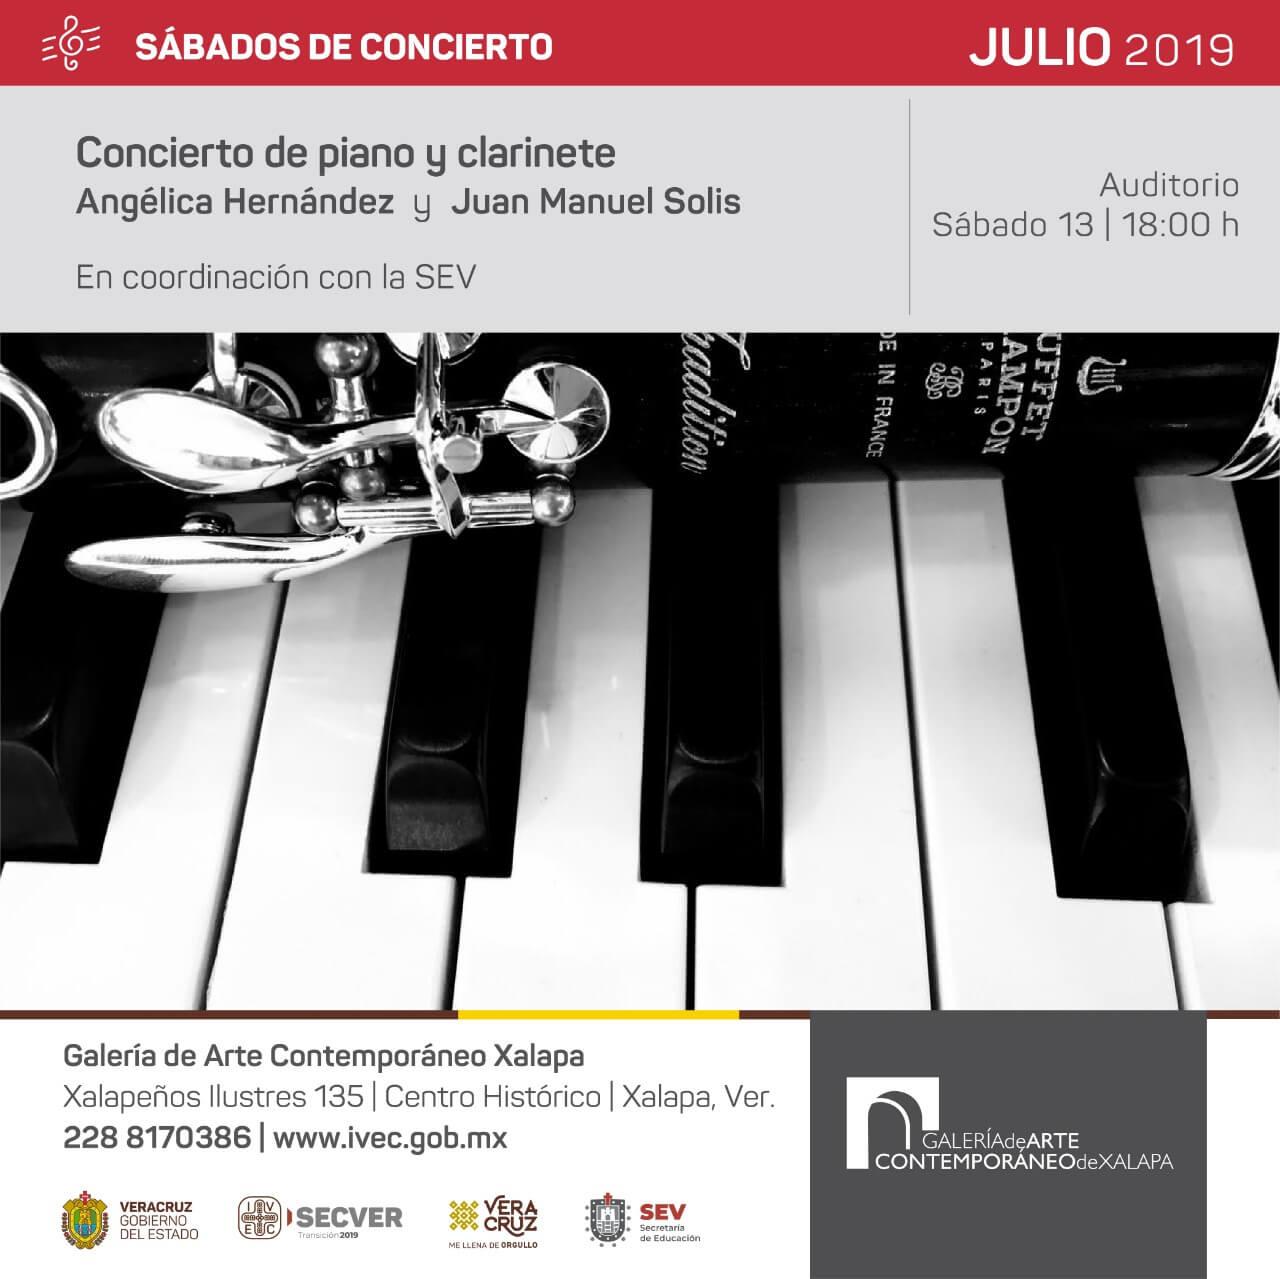 El Instituto Veracruzano de la Cultura (IVEC), en coordinación con la Secretaría de Educación de Veracruz (SEV), a través de la Galería de Arte Contemporáneo de Xalapa, se complace en invitar al público en general al concierto de piano y clarinete que interpretarán la pianista Angélica Hernández Cruz y el clarinetista Juan Solís Delgado, este sábado 13 de julio, a las 18:00 horas. La entrada es gratuita.